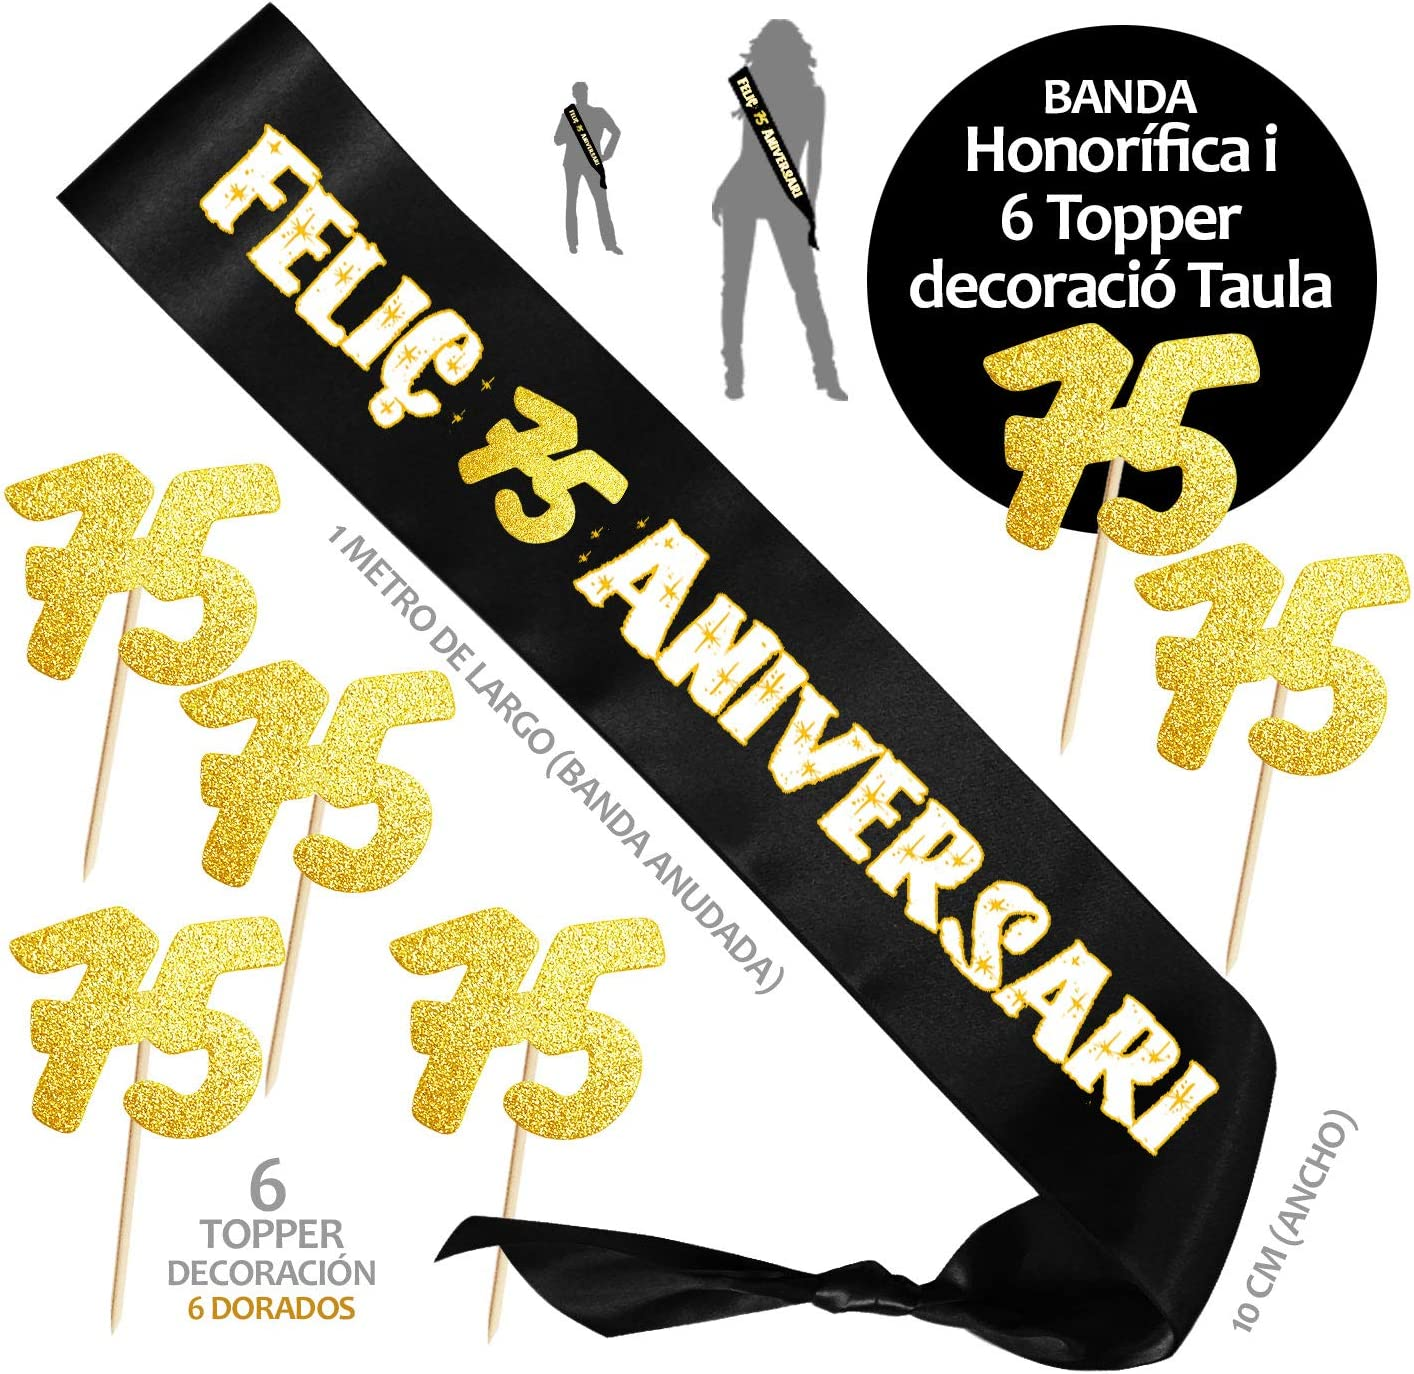 Inedit Festa Feliz 75 A/ños Cumplea/ños Banda Honor/ífica Feliz 75 Cumplea/ños y 6 Topper 1944 Naciste